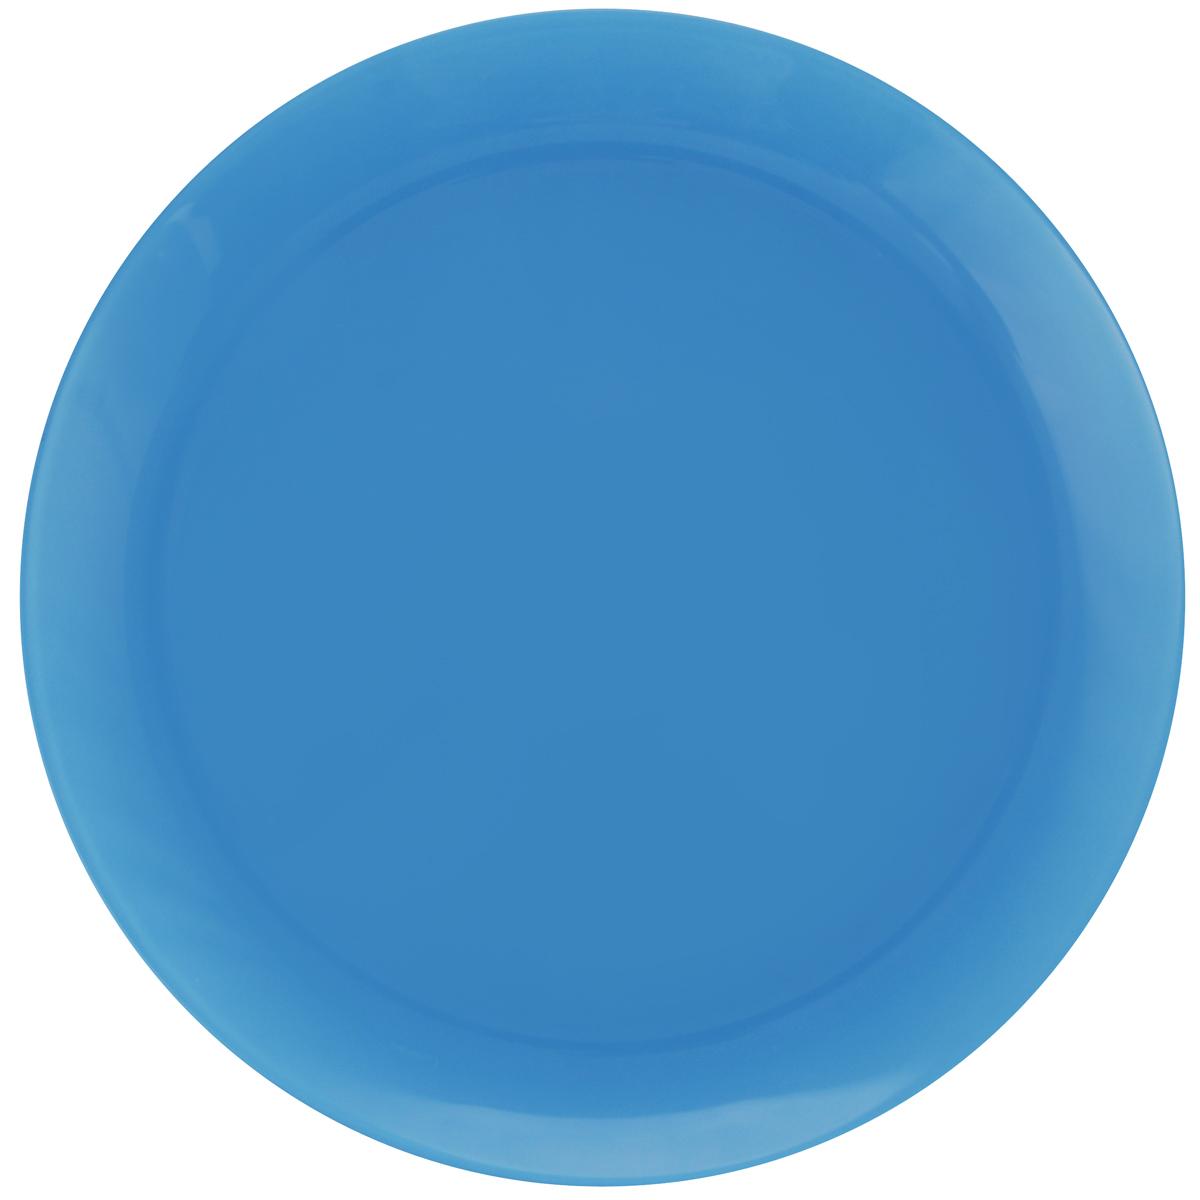 Тарелка обеденная Luminarc Arty Azur, диаметр 26 смH7257Обеденная тарелка Luminarc Arty Azur, изготовленная из высококачественного стекла, имеет изысканный внешний вид. Яркий дизайн придется по вкусу и ценителям классики, и тем, кто предпочитает утонченность. Тарелка Luminarc Arty Azur идеально подойдет для сервировки стола и станет отличным подарком к любому празднику. Можно использовать в микроволновой печи и холодильнике, а также мыть в посудомоечной машине. Диаметр тарелки по верхнему краю: 26 см.